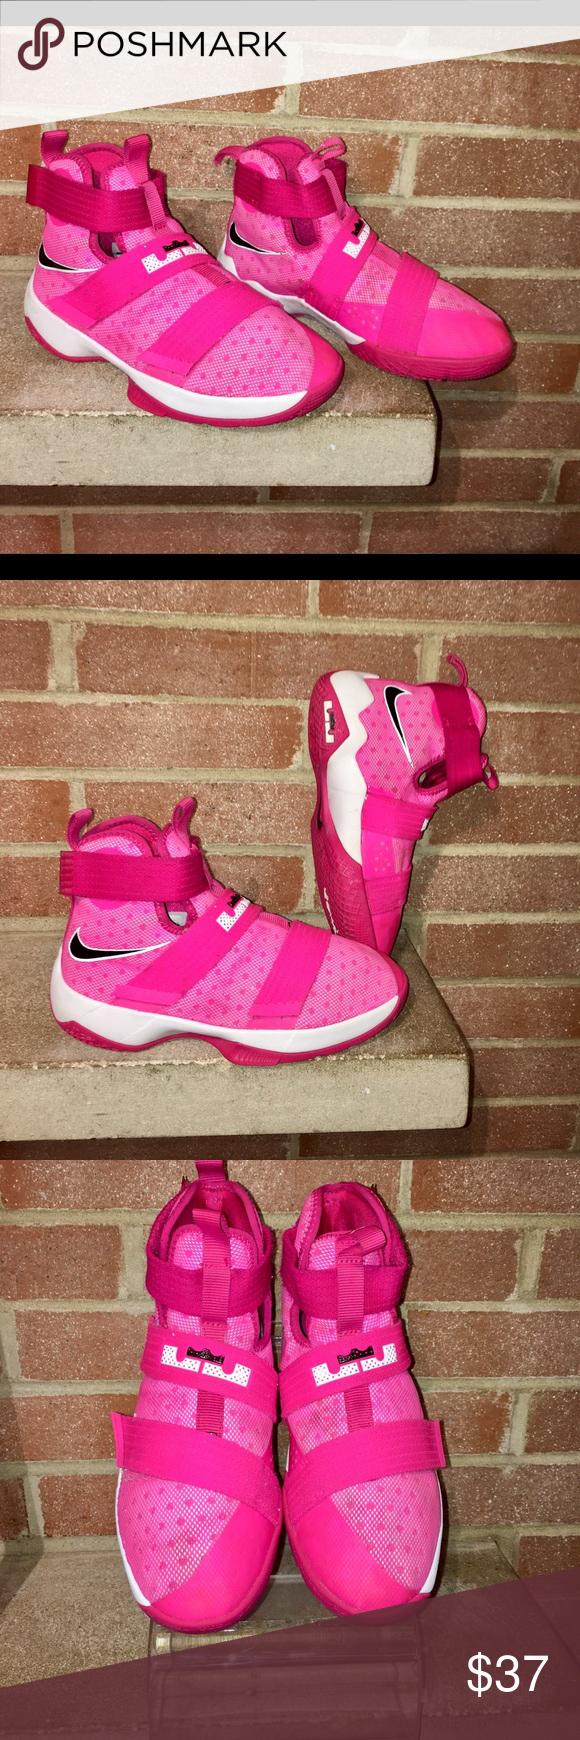 ece43b62289dd Nike Girls LeBron soldier 10(GS) youth size 4Y 36 Nike Girls LeBron ...